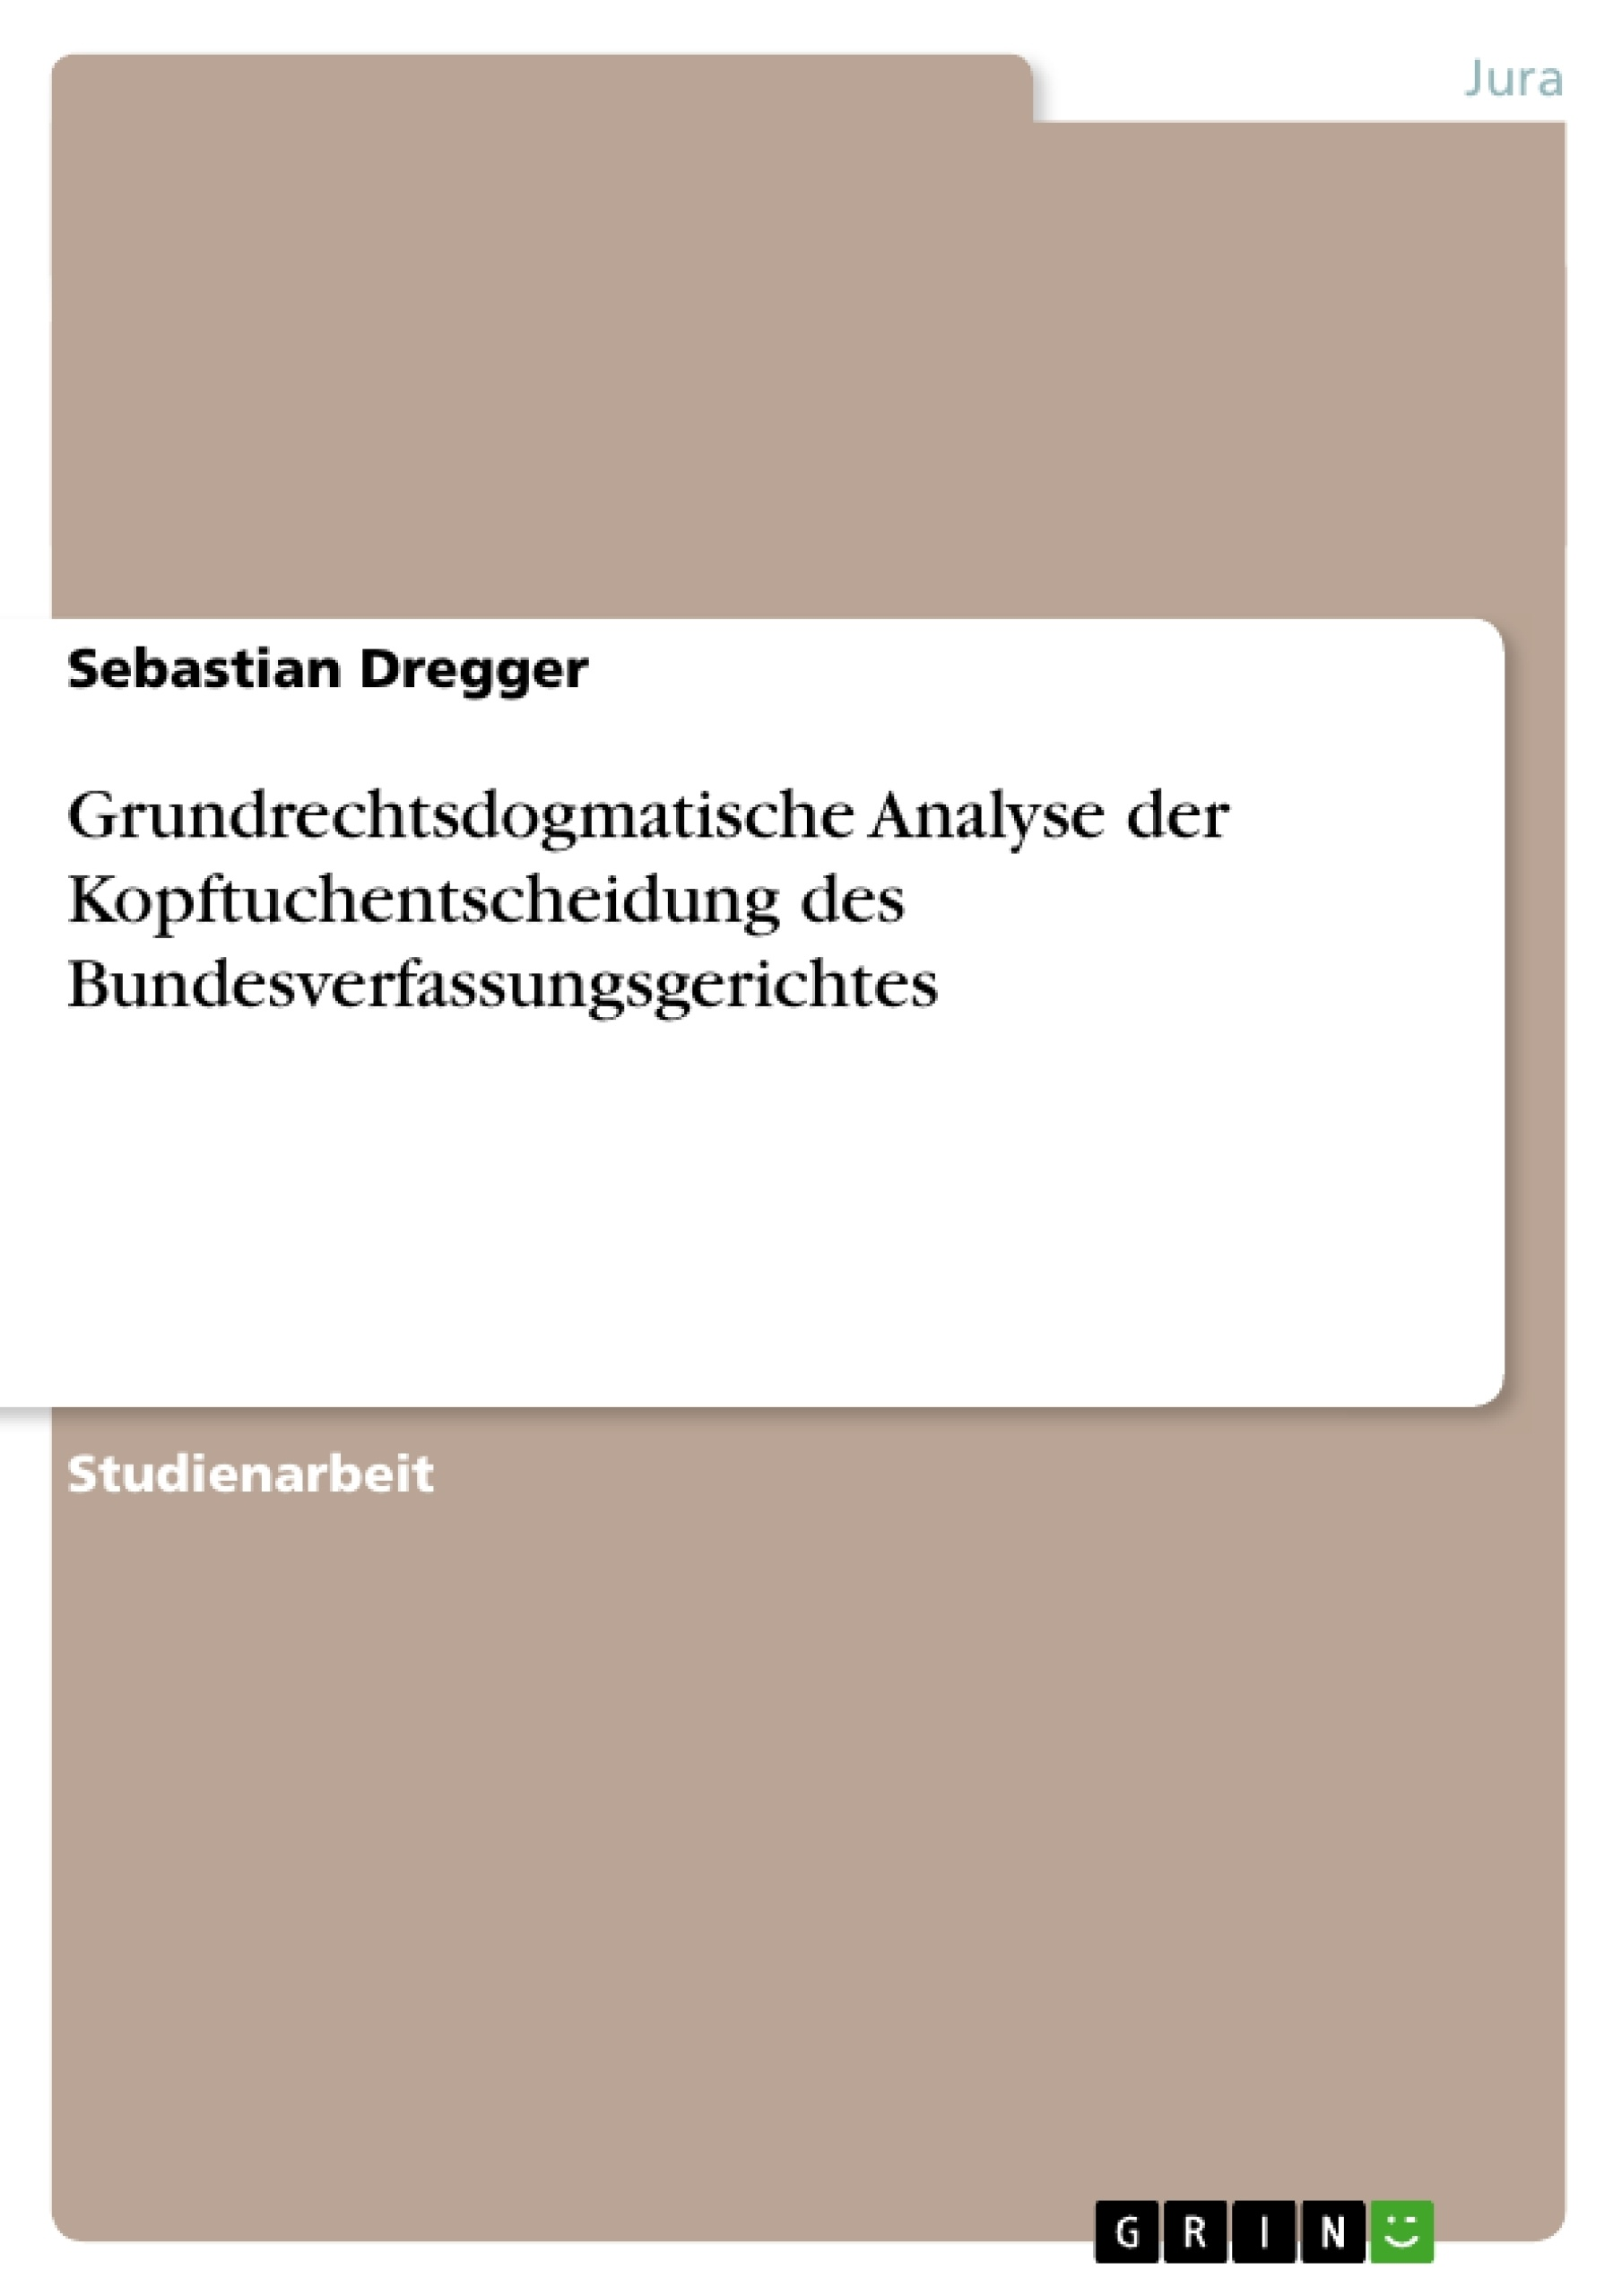 Titel: Grundrechtsdogmatische Analyse der Kopftuchentscheidung des Bundesverfassungsgerichtes